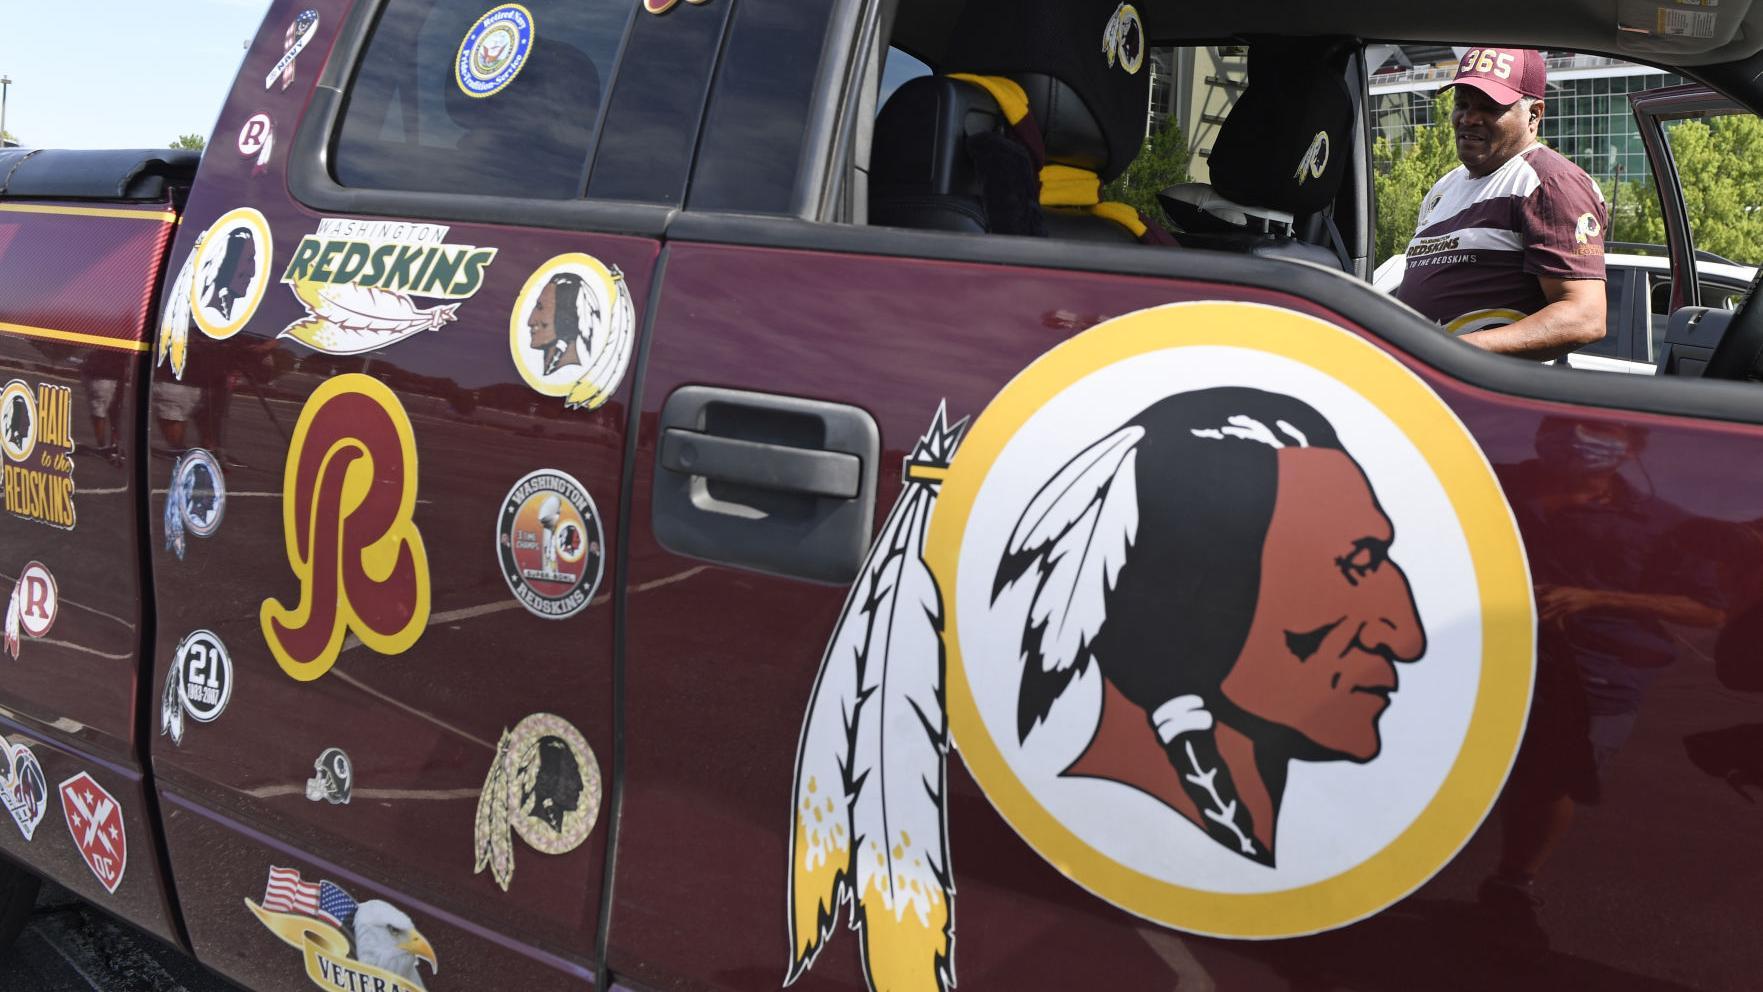 Washington renuncia al nombre Redskins tras 87 años